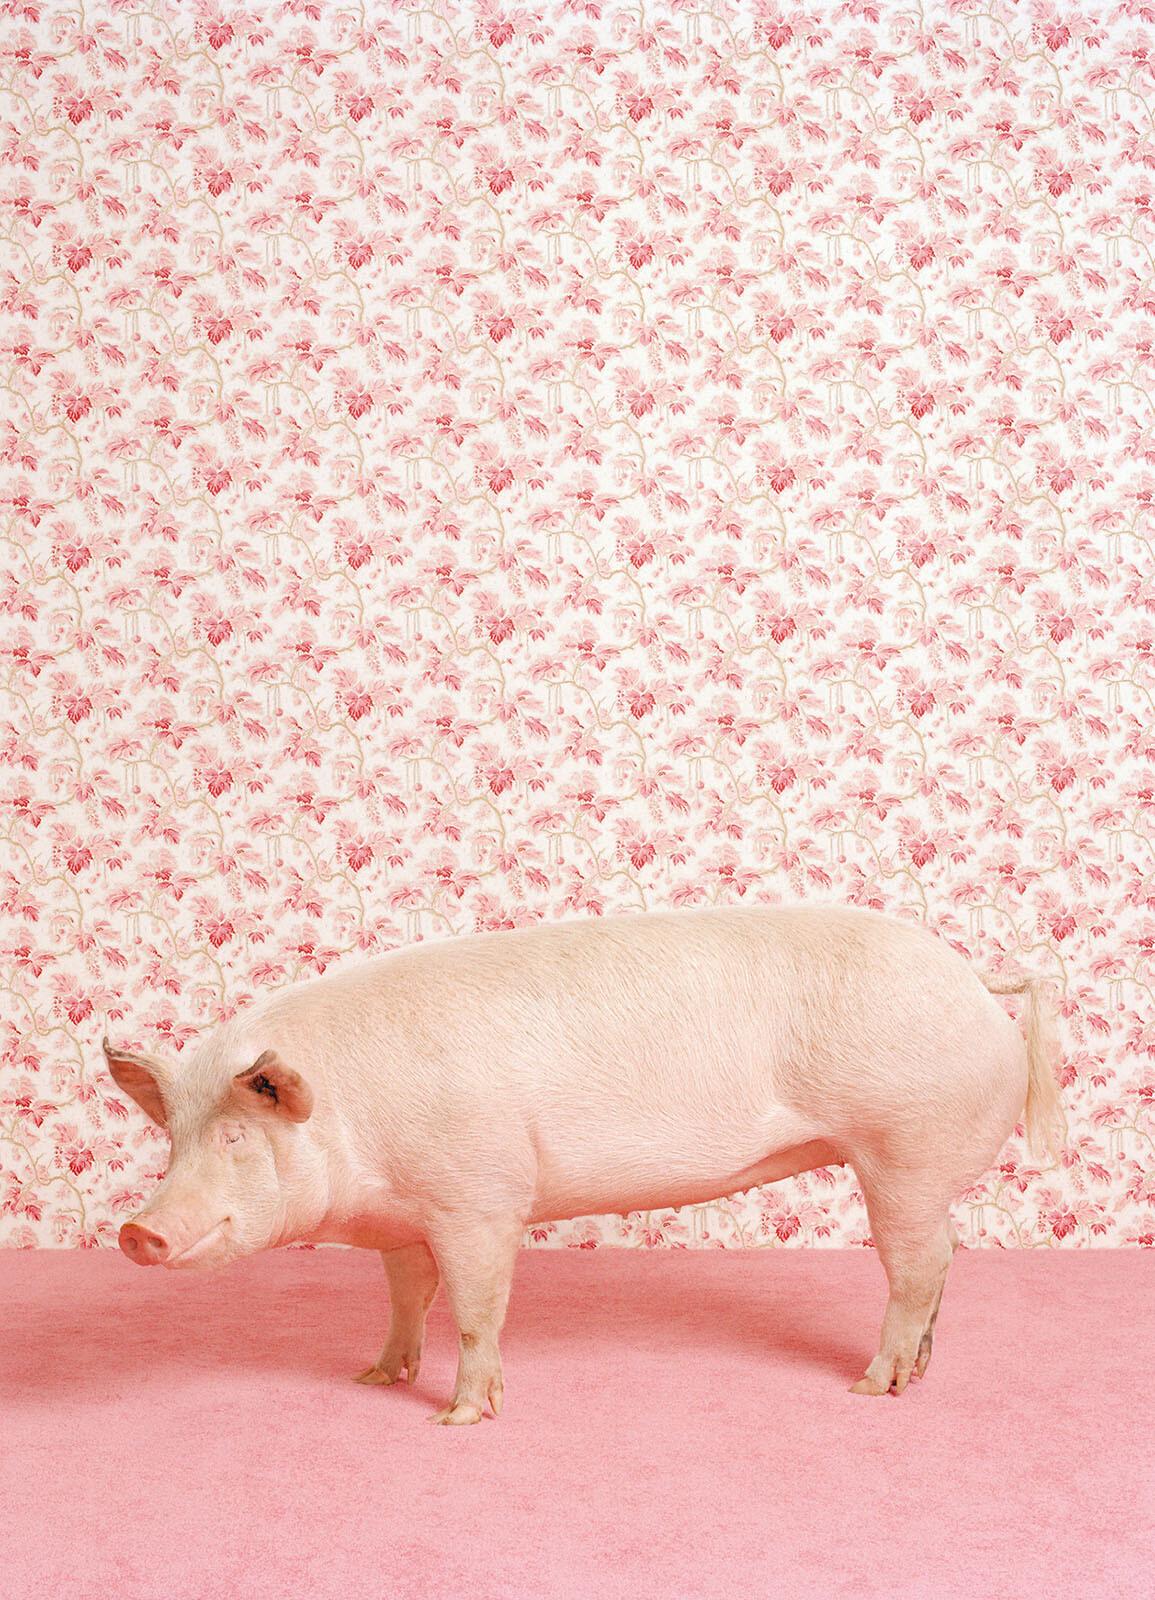 Pig 1 - Catherine Ledner